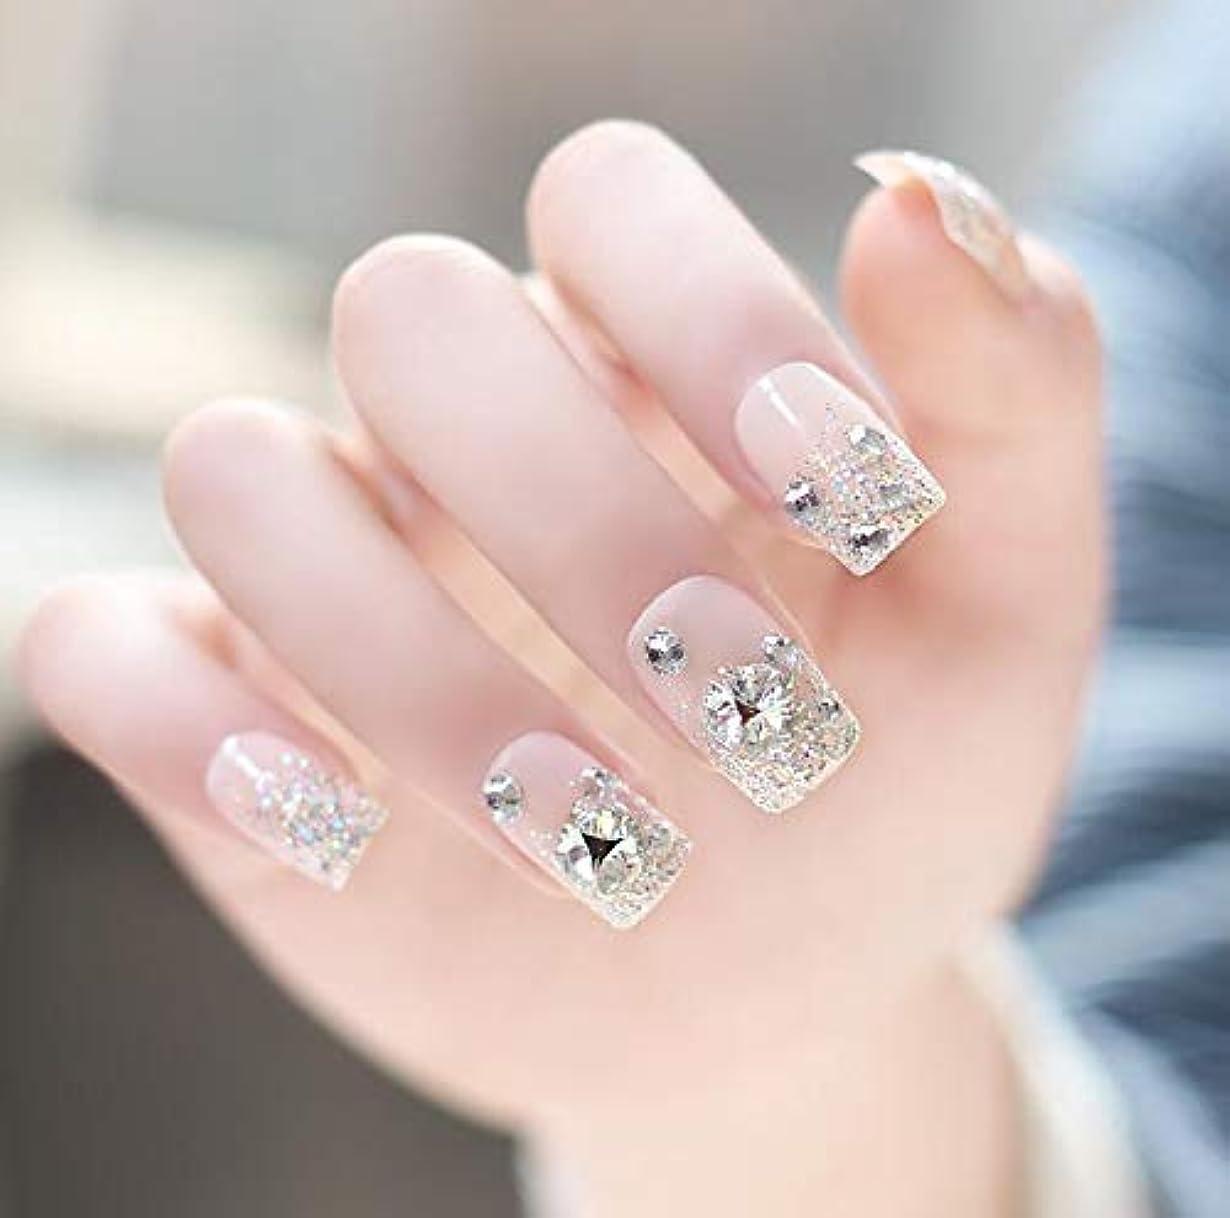 インド強制選挙YUJIA ネイルチップ つけ爪 付け爪 つけ方簡単 ネイル デコネイルコレクション シール ハロウィン 母の日 パーティ 人気 毎日変身 24枚セット (E)